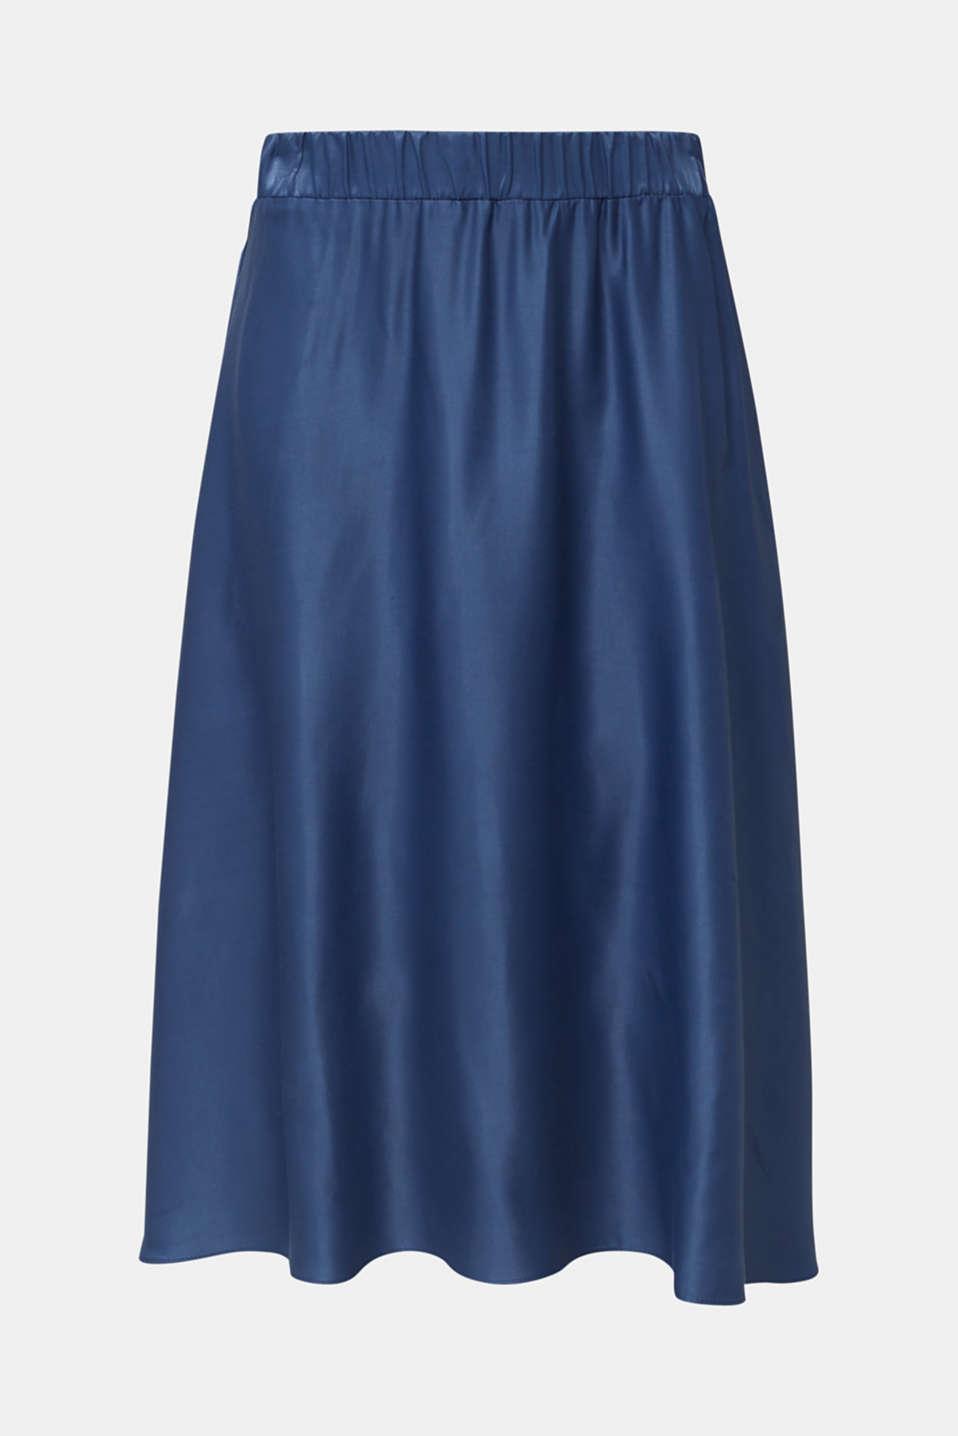 Flared satin skirt, PETROL BLUE 2, detail image number 5